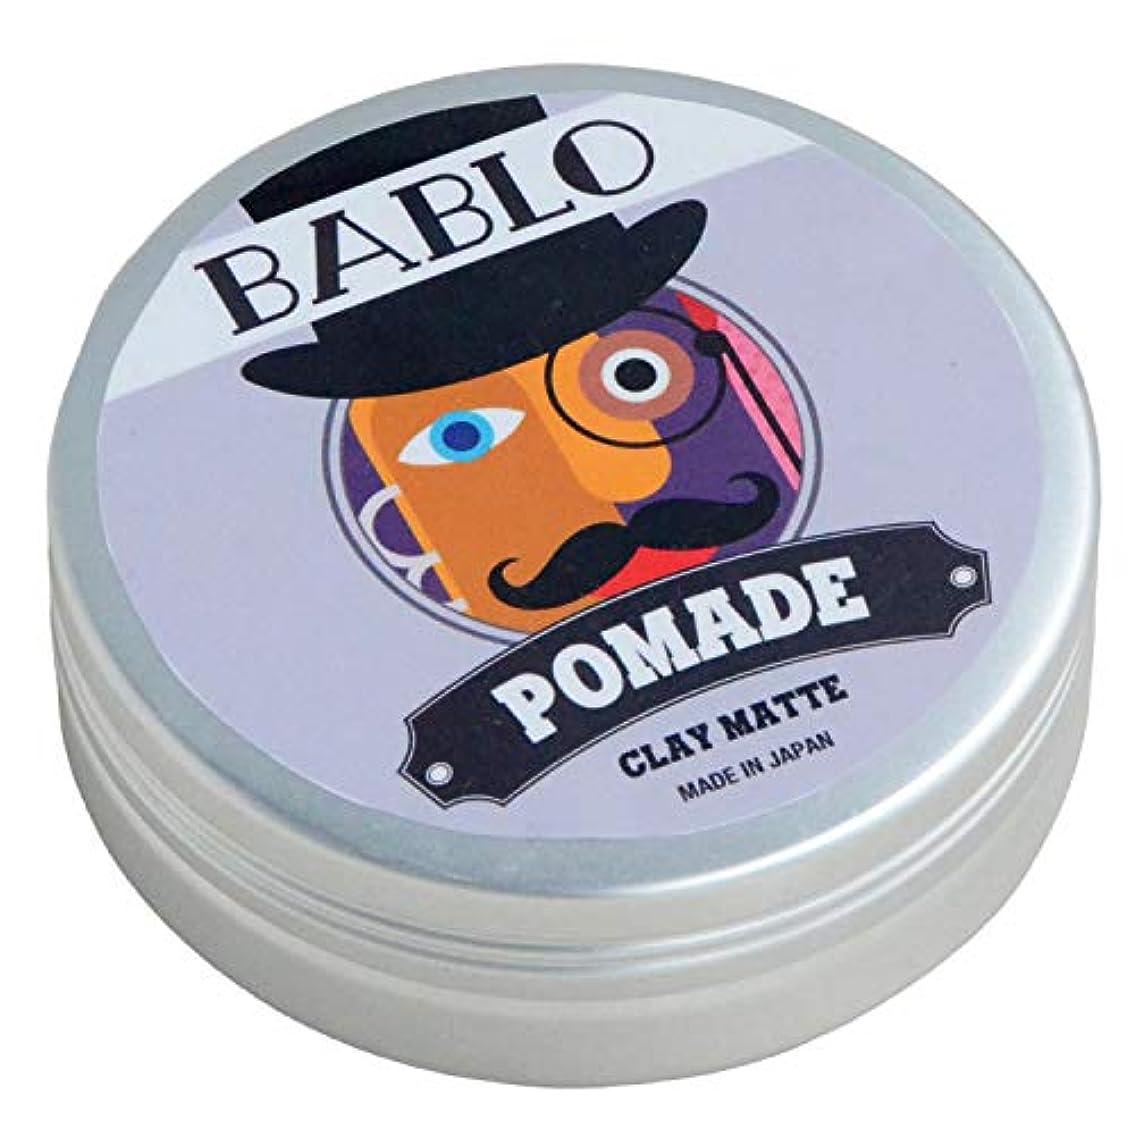 コンチネンタル貝殻酸化物バブロ ポマード(BABLO POMADE) クレイマット ヘアワックス メンズ 整髪料 水性 ヘアグリース